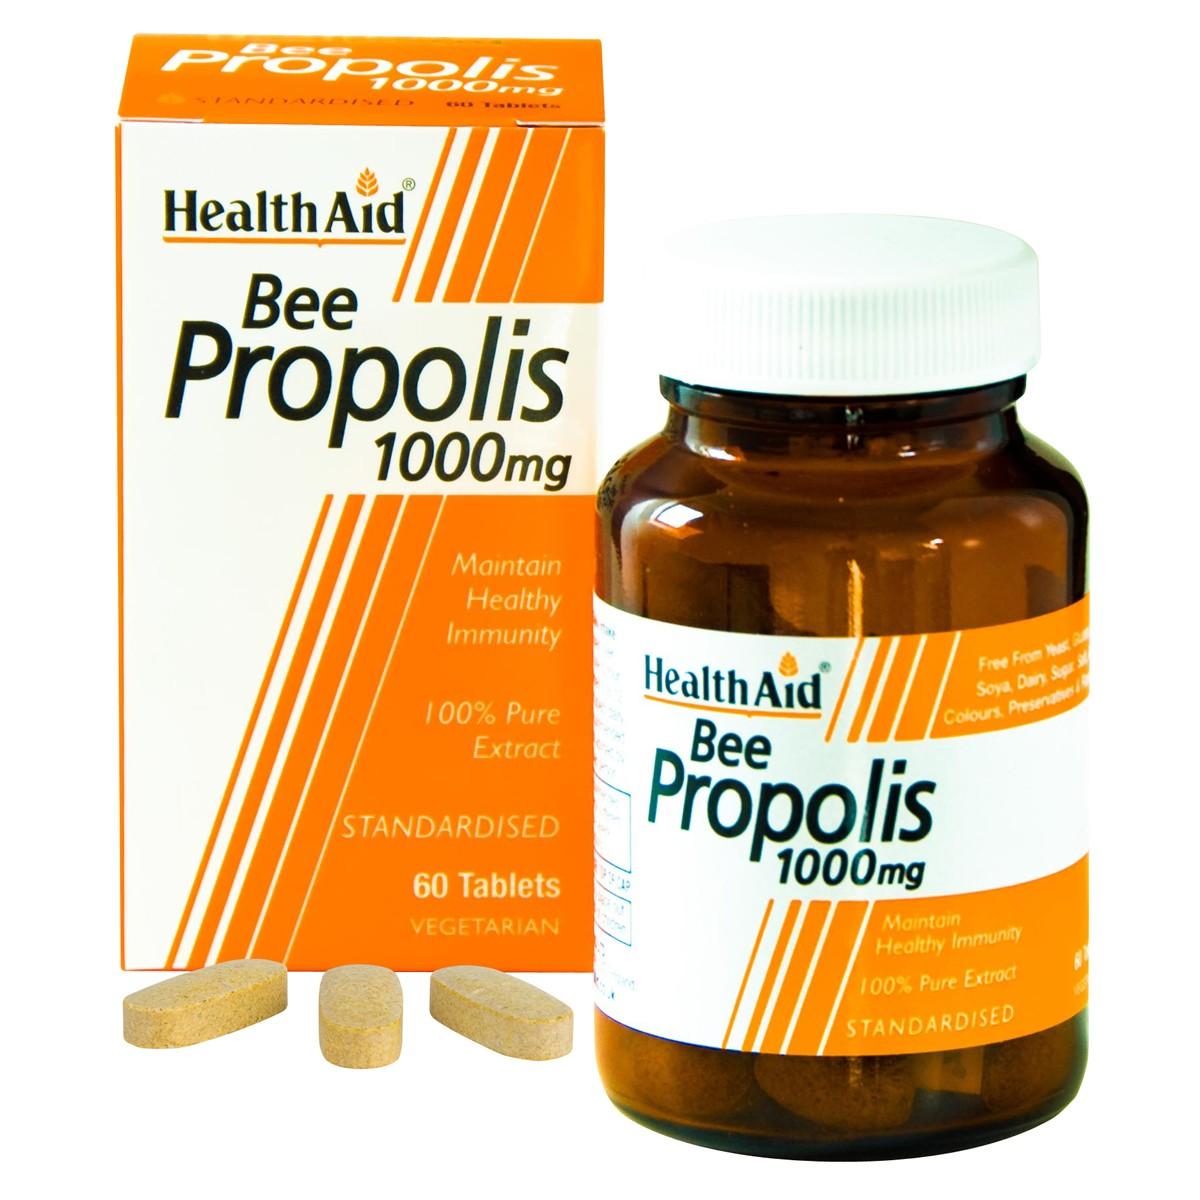 HealthAid Bee Propolis 1000 - Standardised Tablets